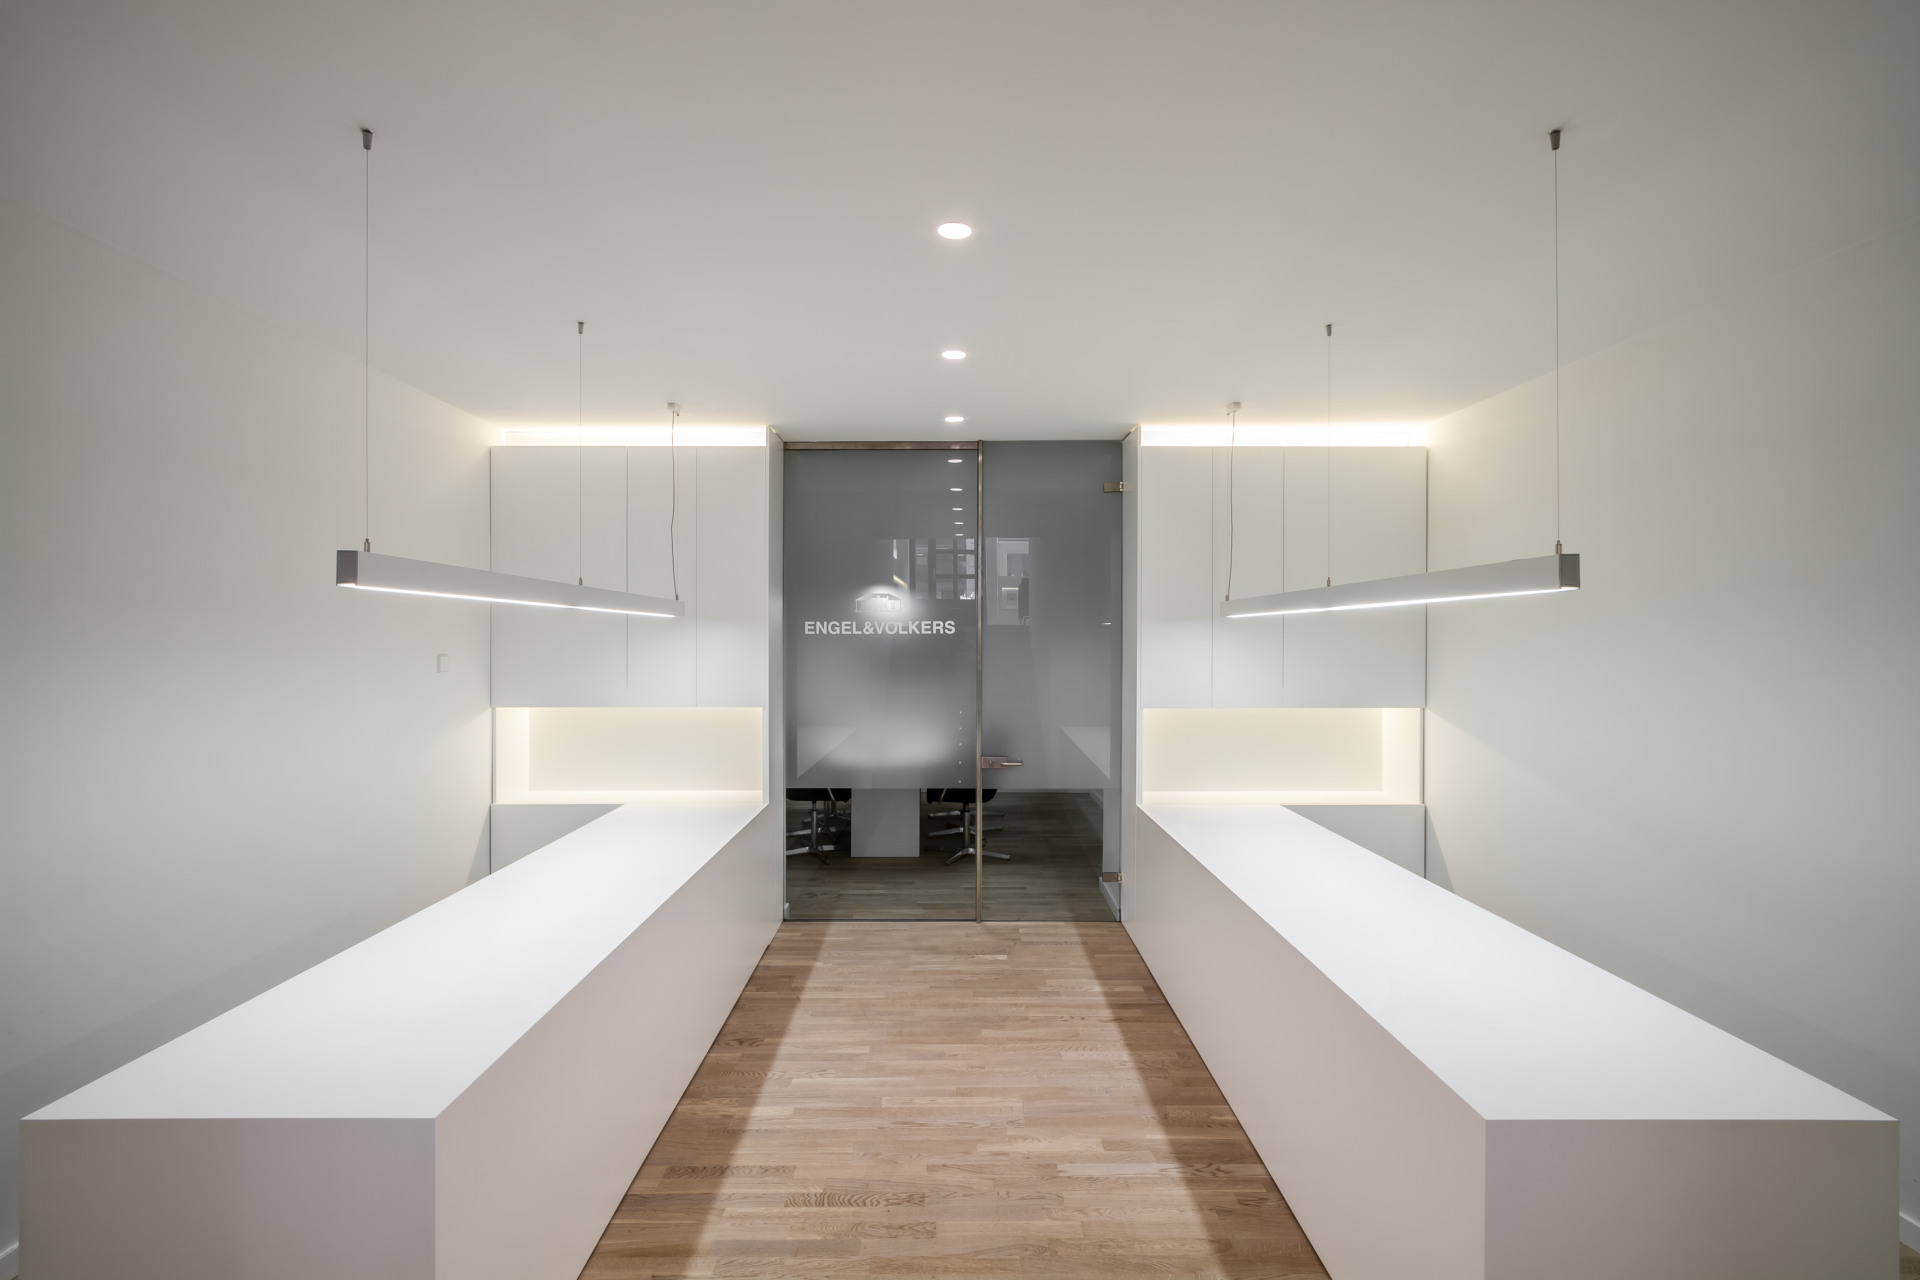 fotografia-arquitectura-valencia-german-cabo-bfm-engel-volkers (16)